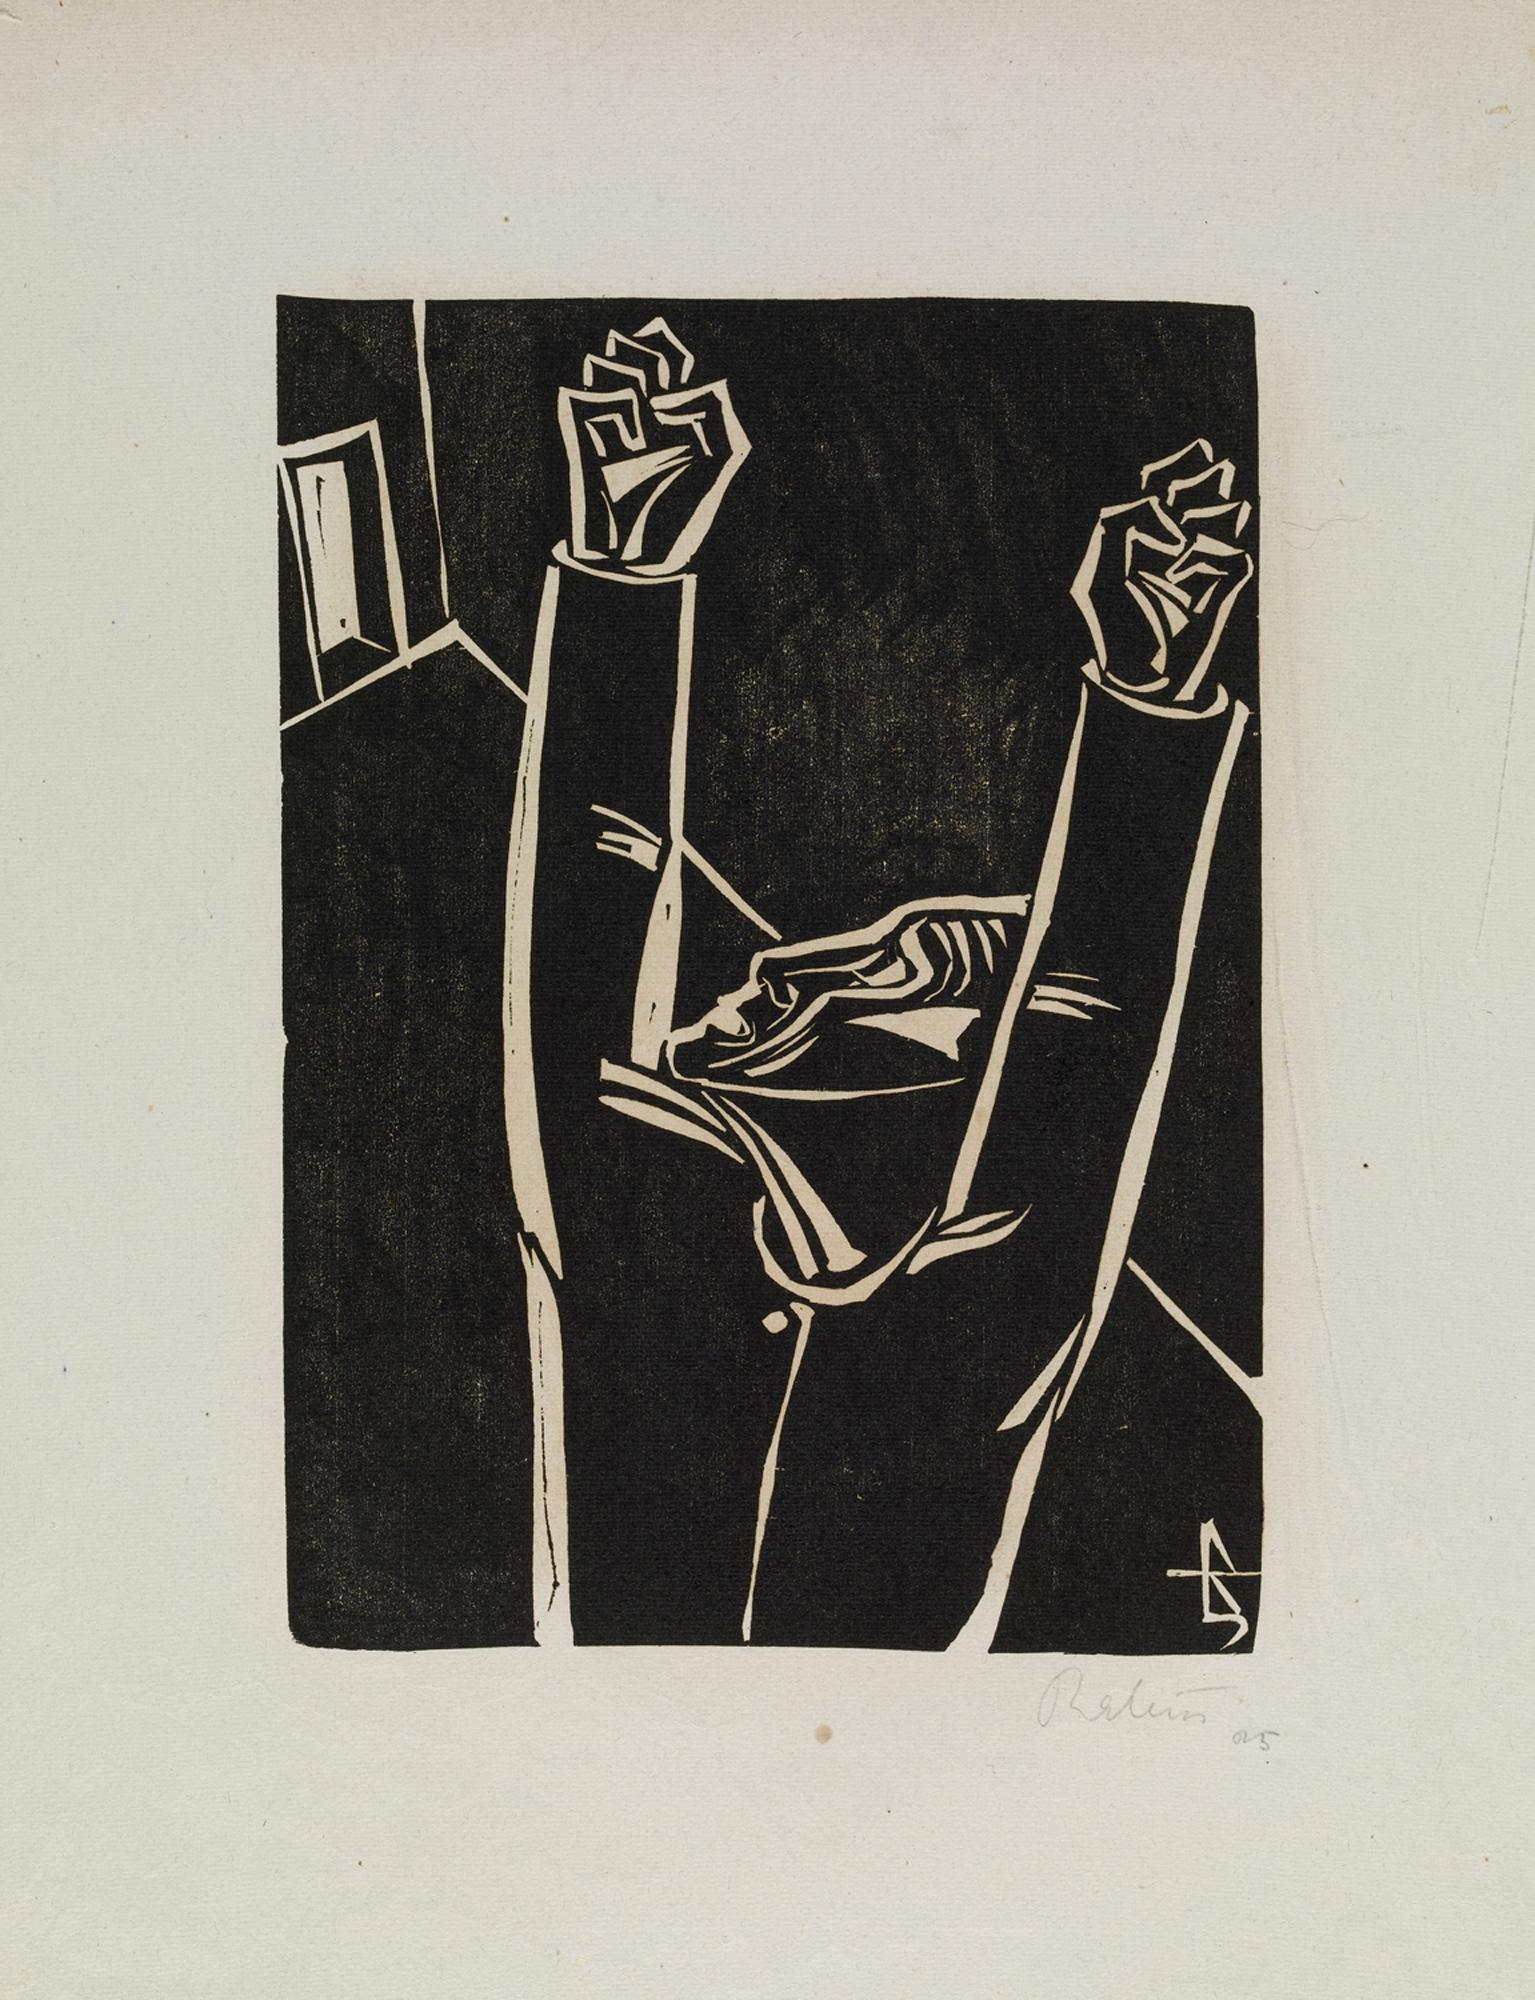 Carl Rabus, Der Hinkemann, drzeworyt, 1925 (zdjęcie udostępnione przez organizatora)